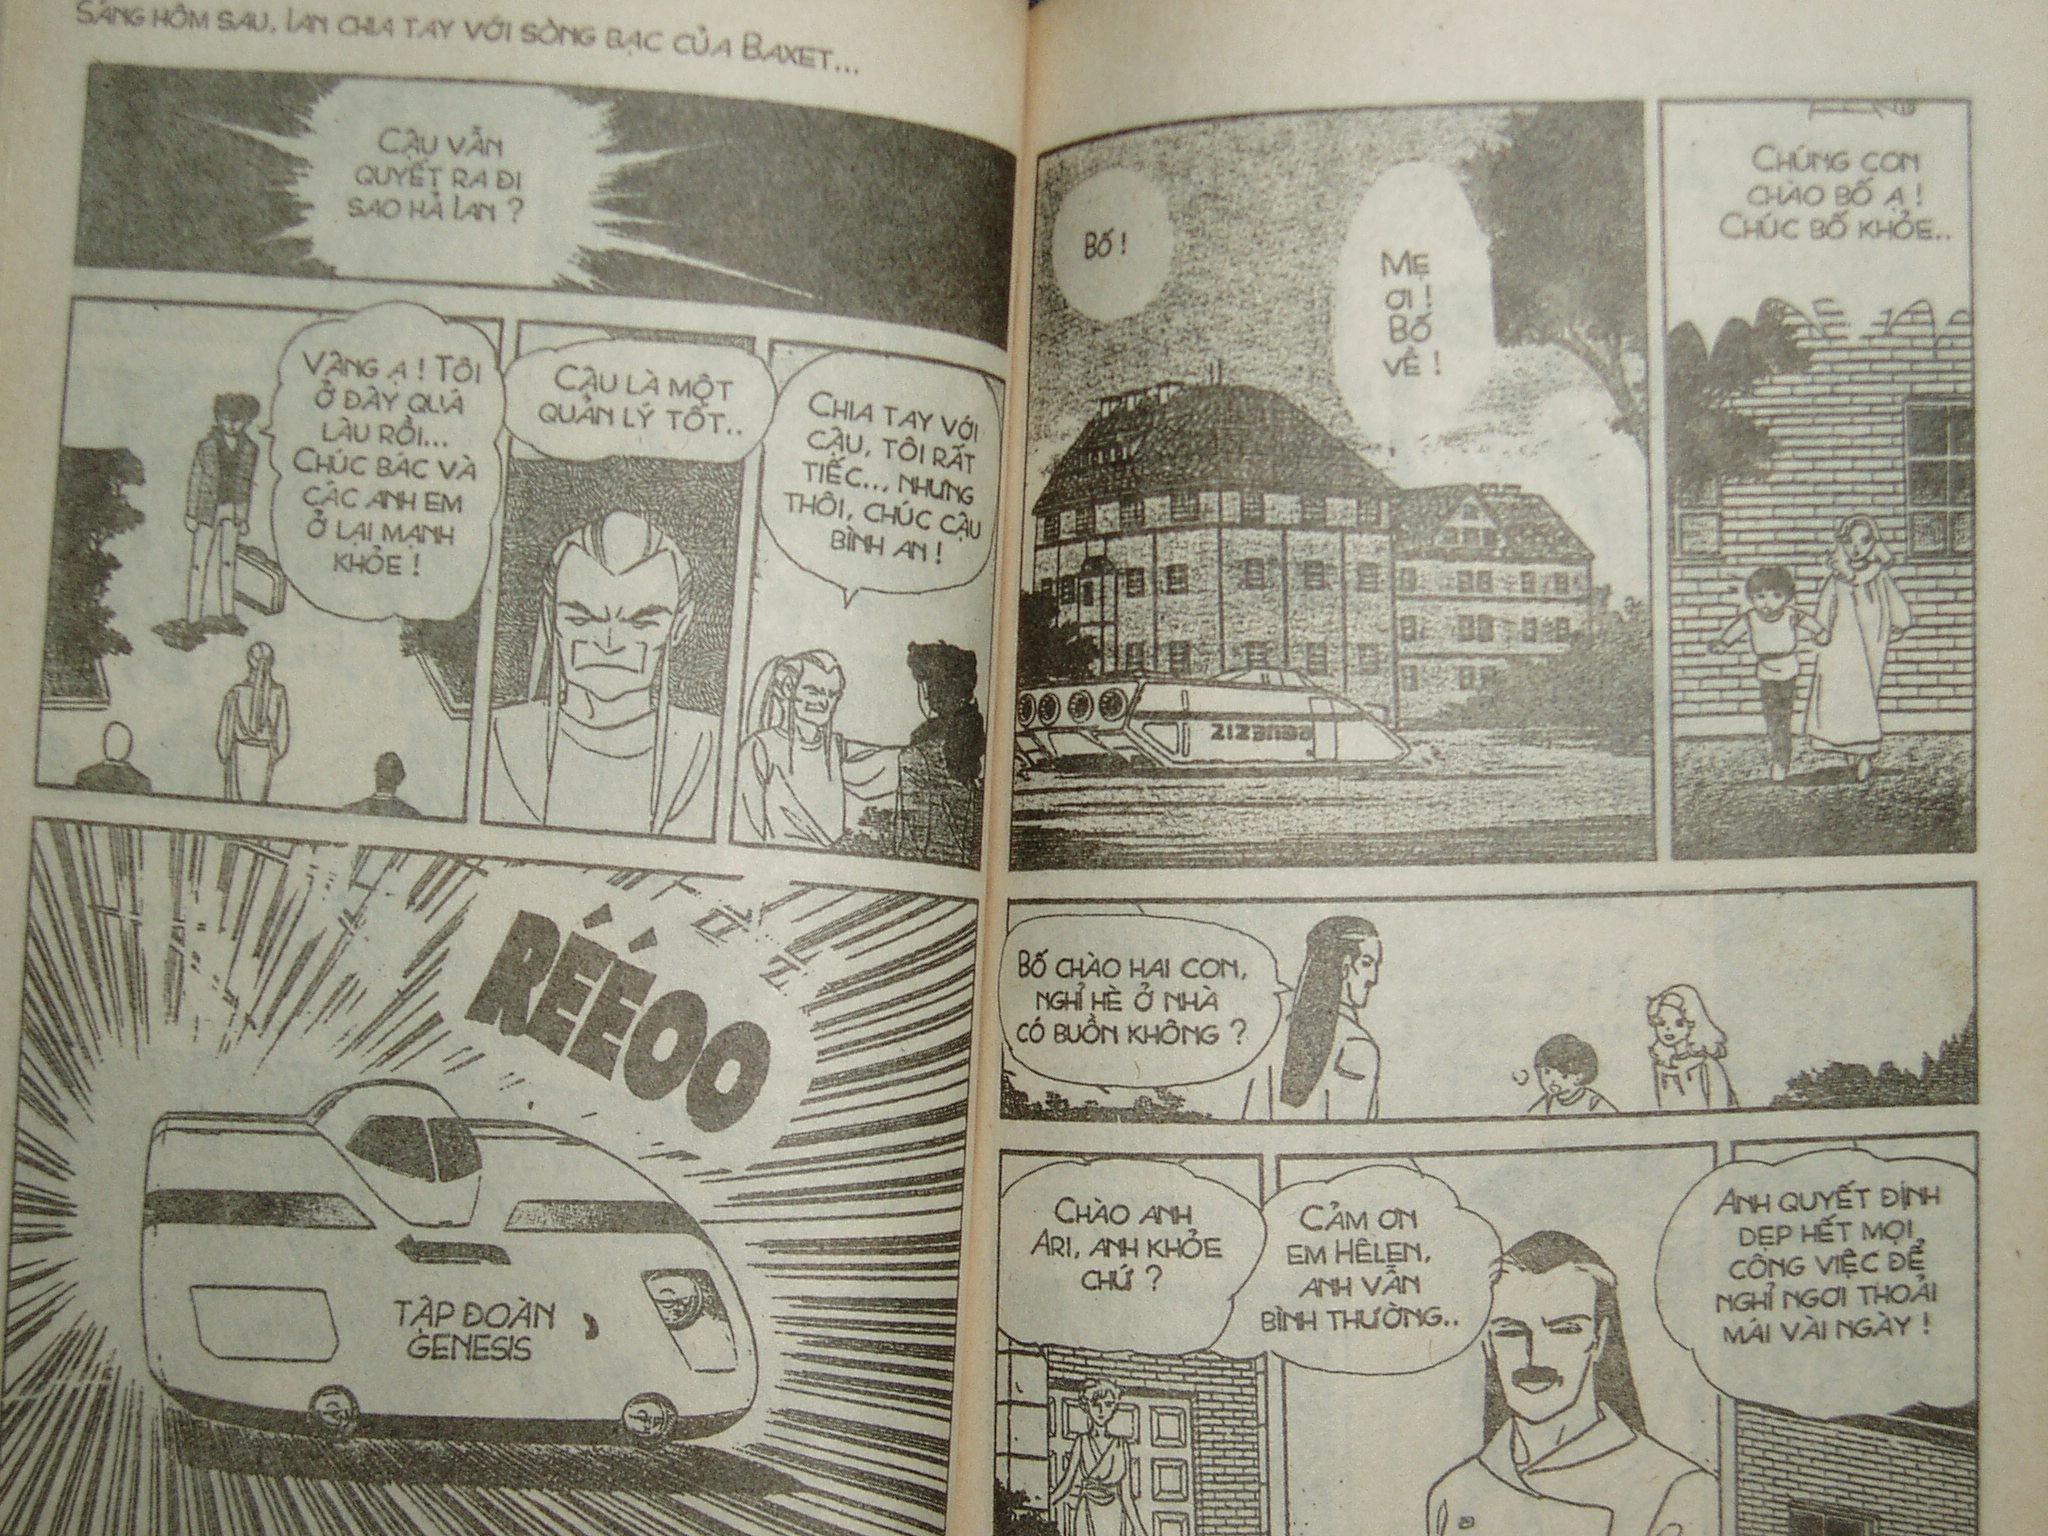 Siêu nhân Locke vol 14 trang 46